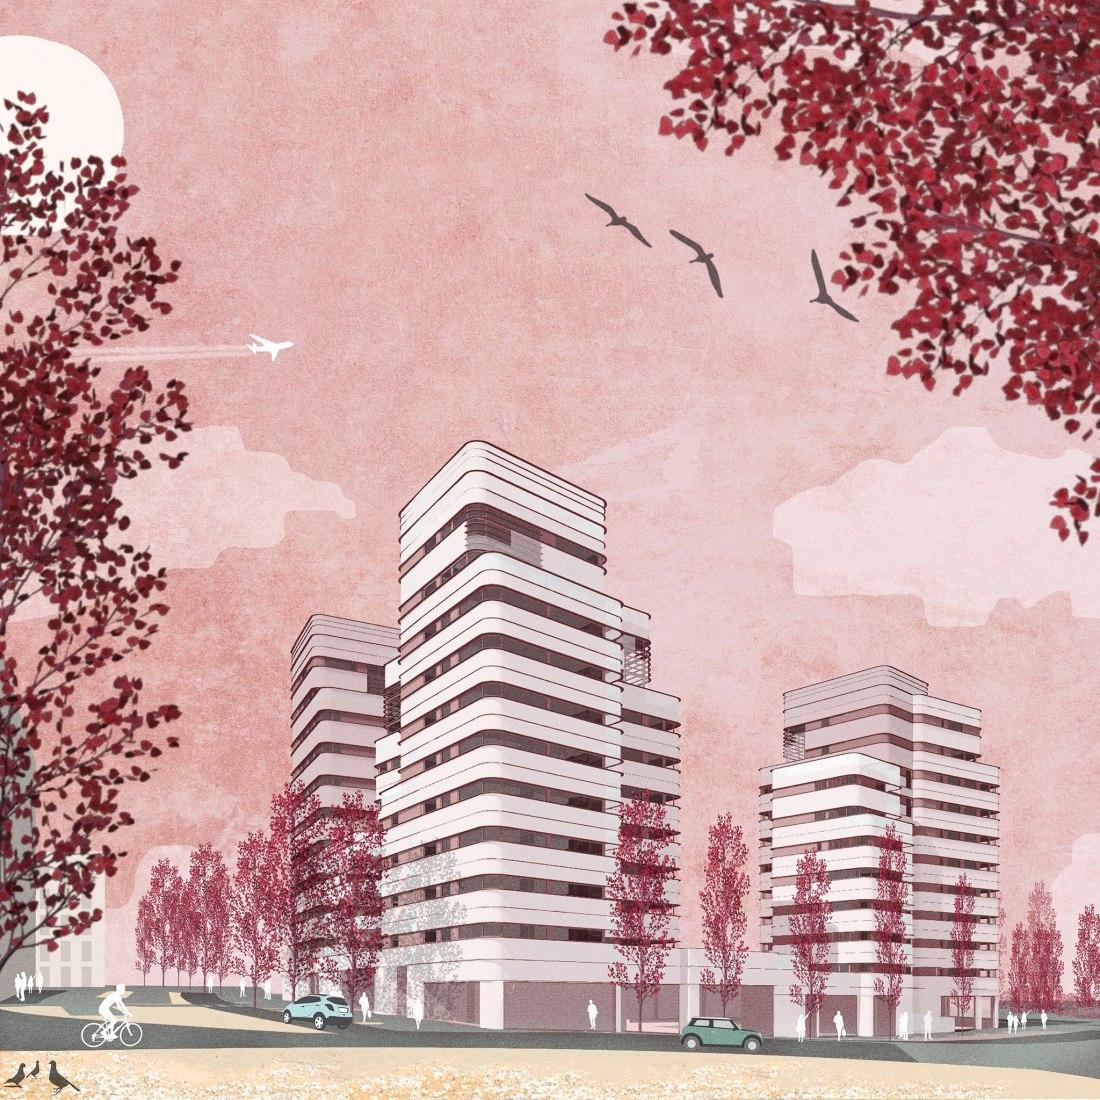 Visualización exterior. 67 Viviendas en Valdebebas por Amann, Cánovas, Maruri